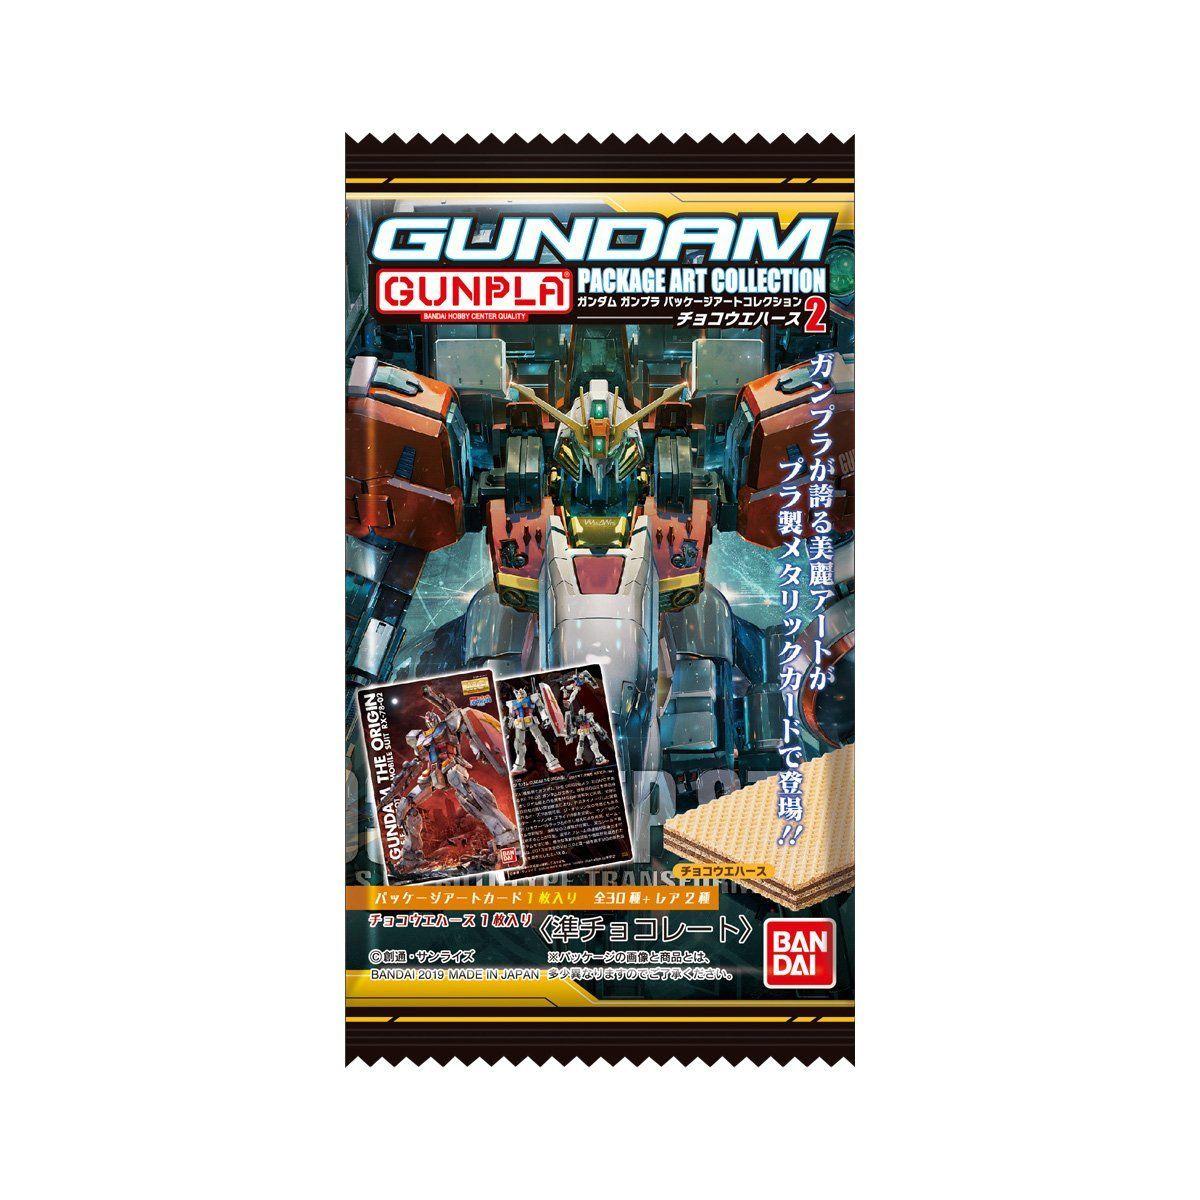 【食玩】『GUNDAMガンプラパッケージアートコレクション チョコウエハース2』20個入りBOX-001